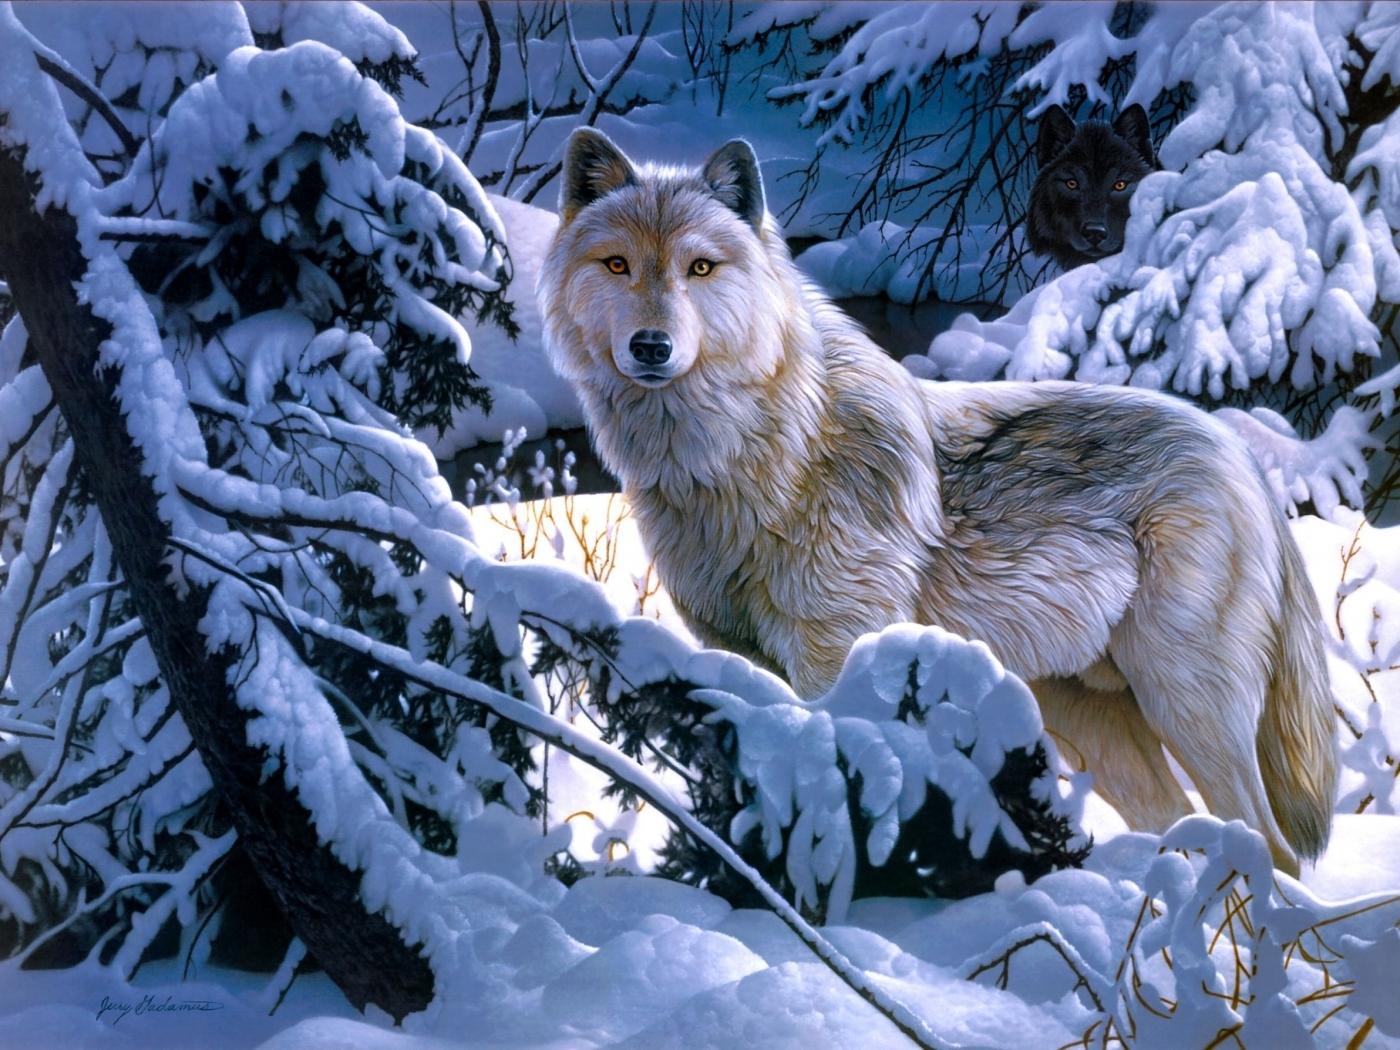 45911 descargar fondo de pantalla Animales, Lobos, Imágenes: protectores de pantalla e imágenes gratis